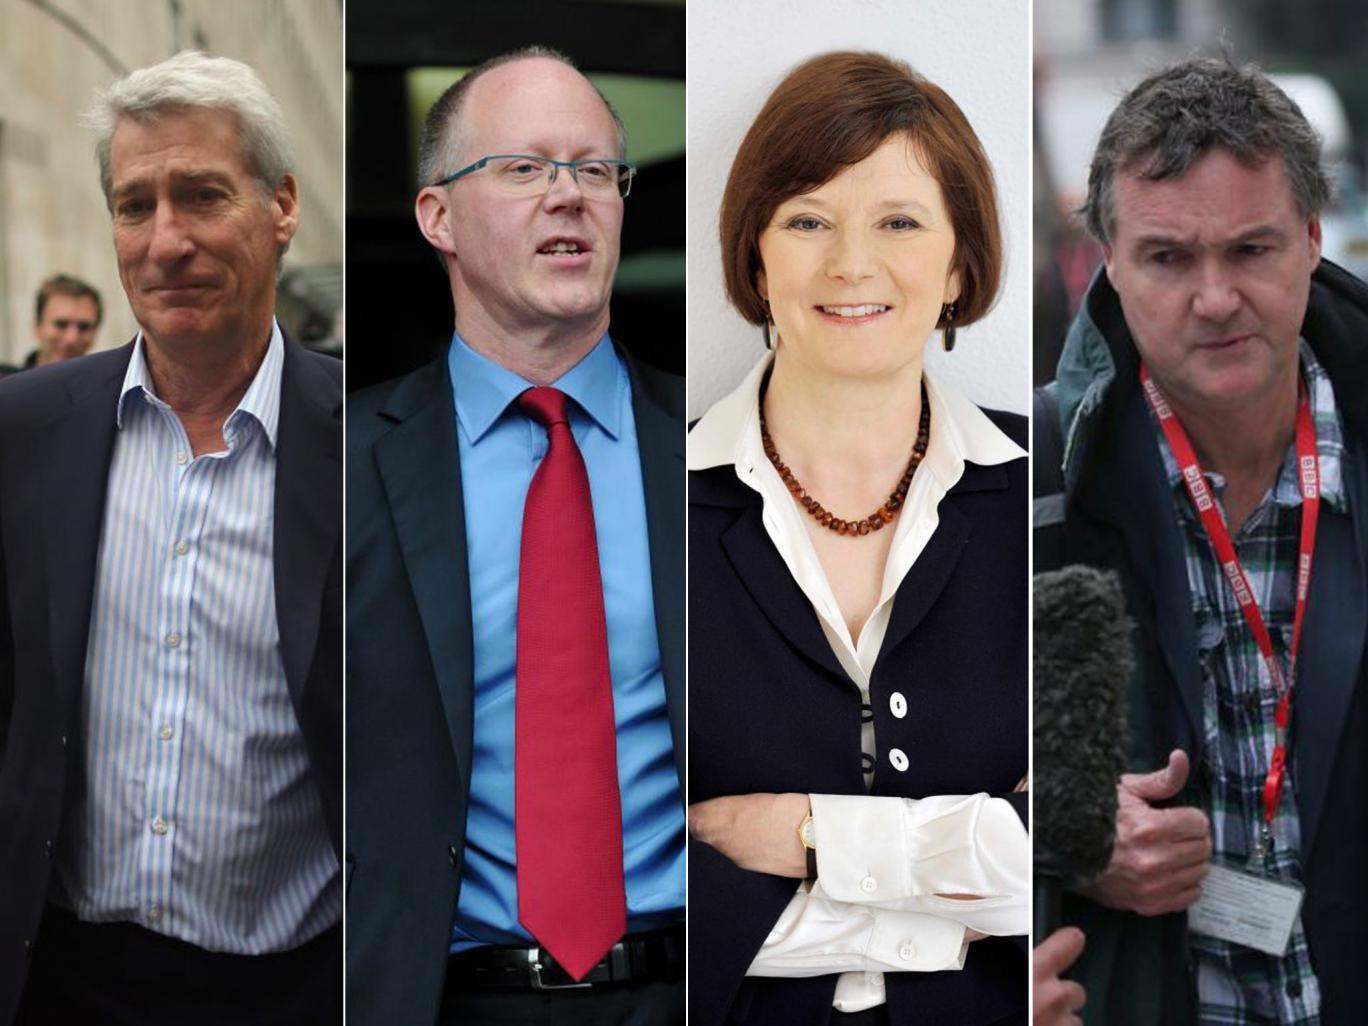 Jeremy Paxman, George Entwistle, Helen Boaden and Meiron Jones